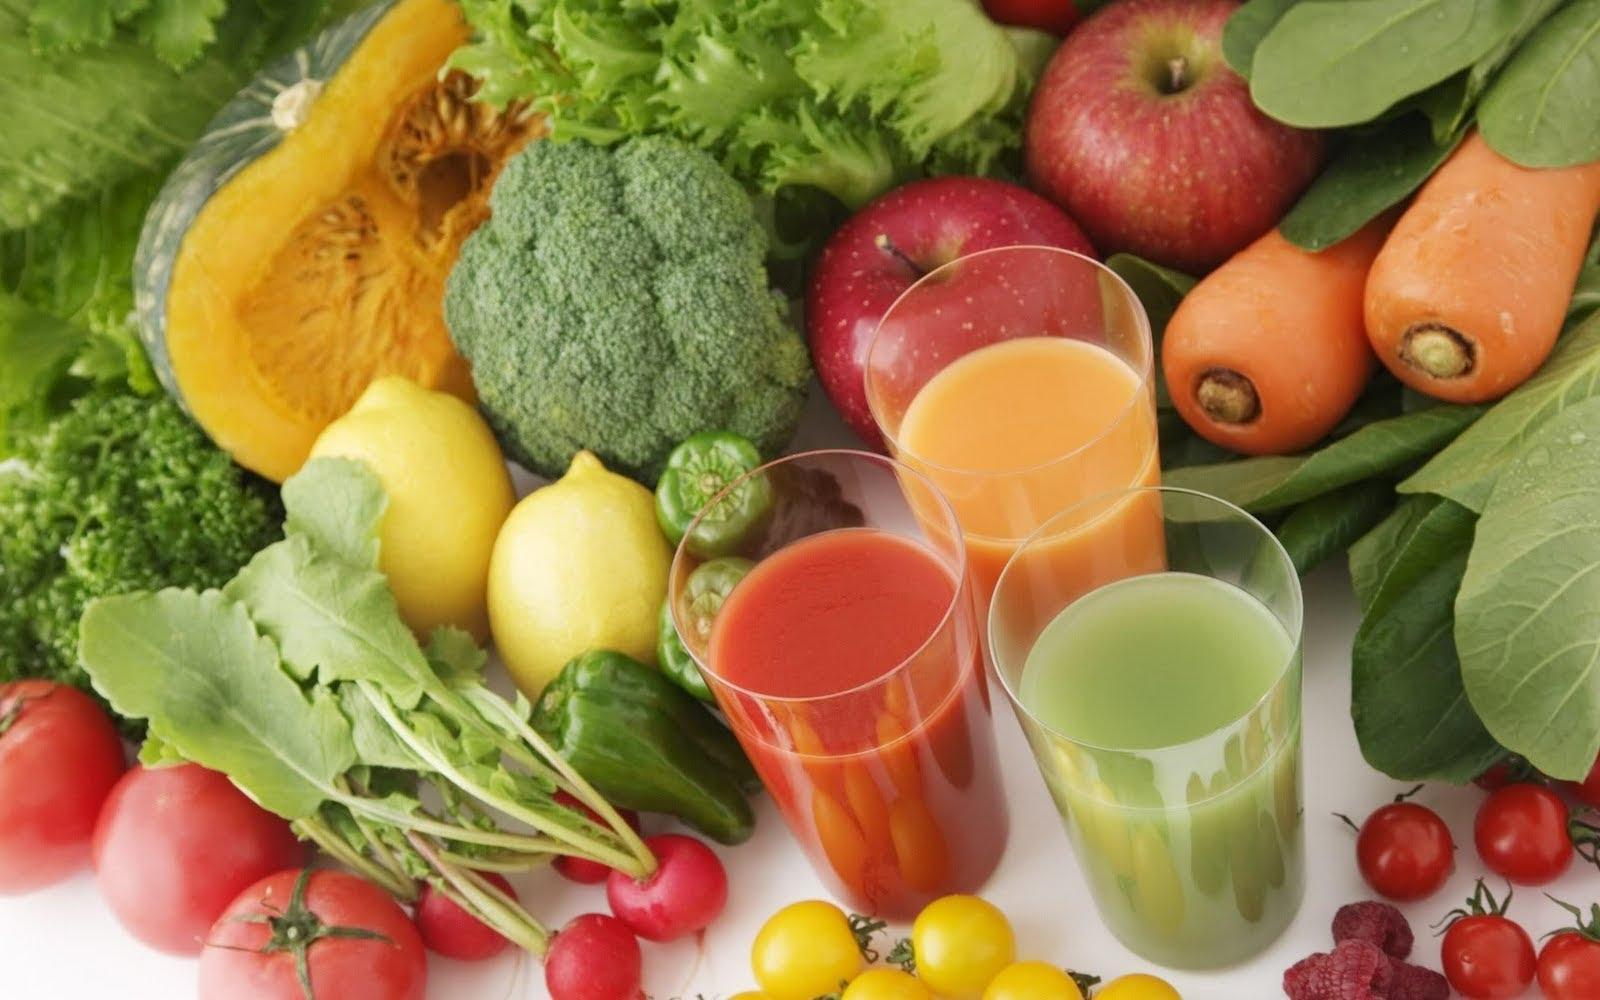 Un frullato o un estratto consentono di introdurre più frutta e verdura nell'alimentazione